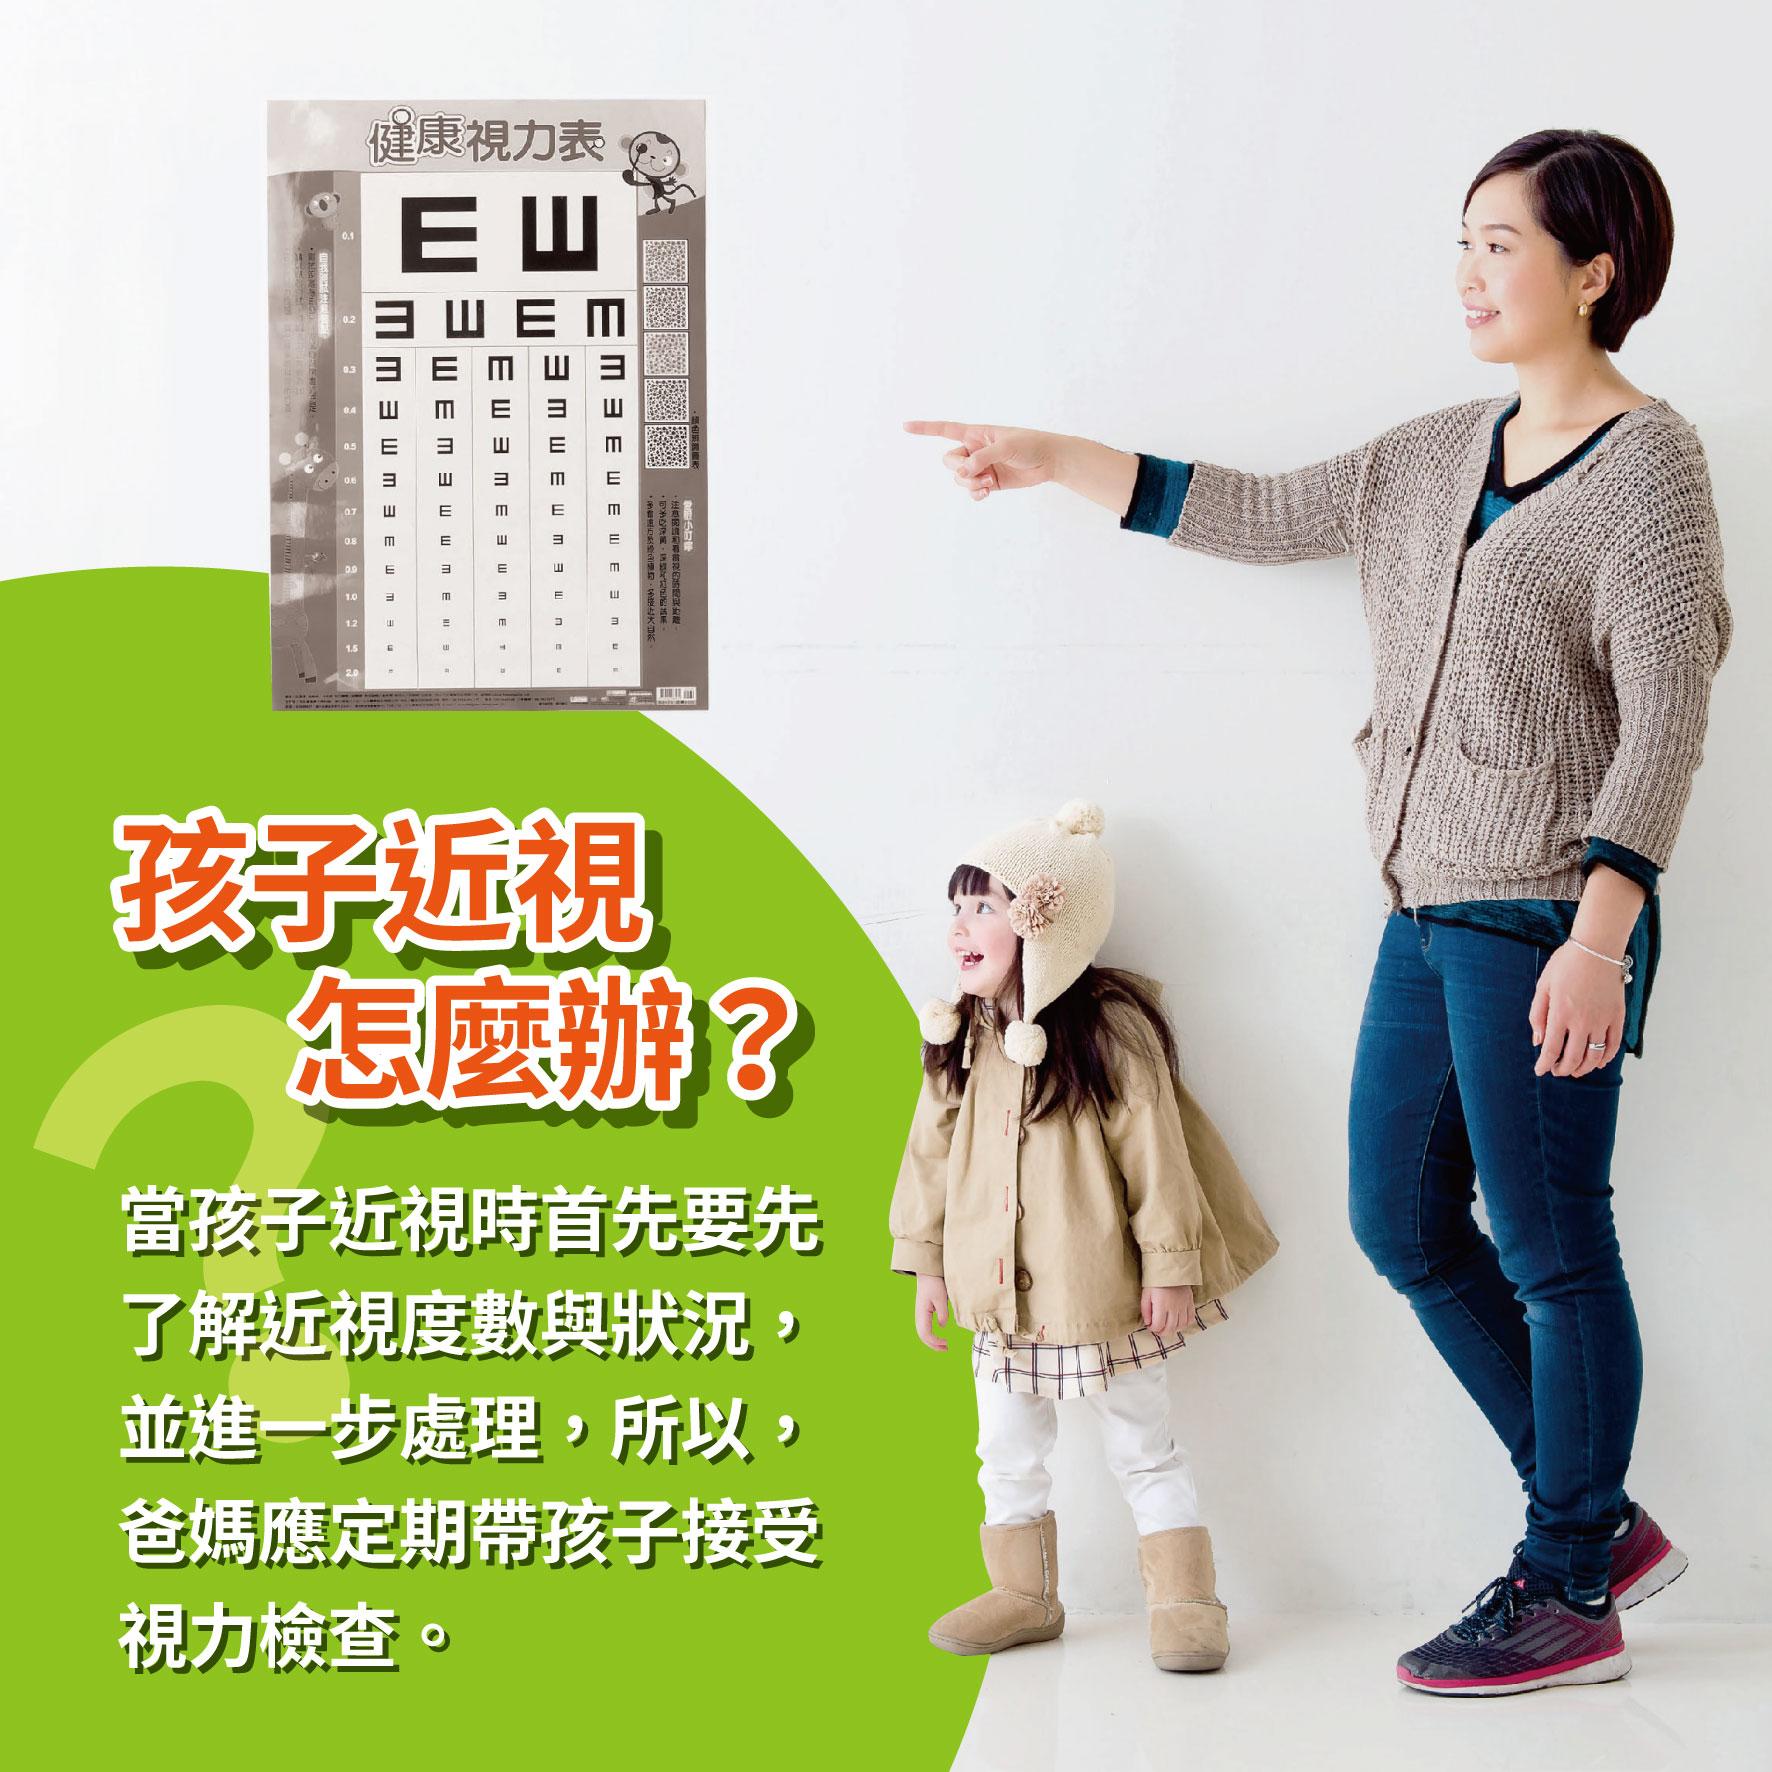 幼兒6歲(第48週)孩子近視怎麼辦?